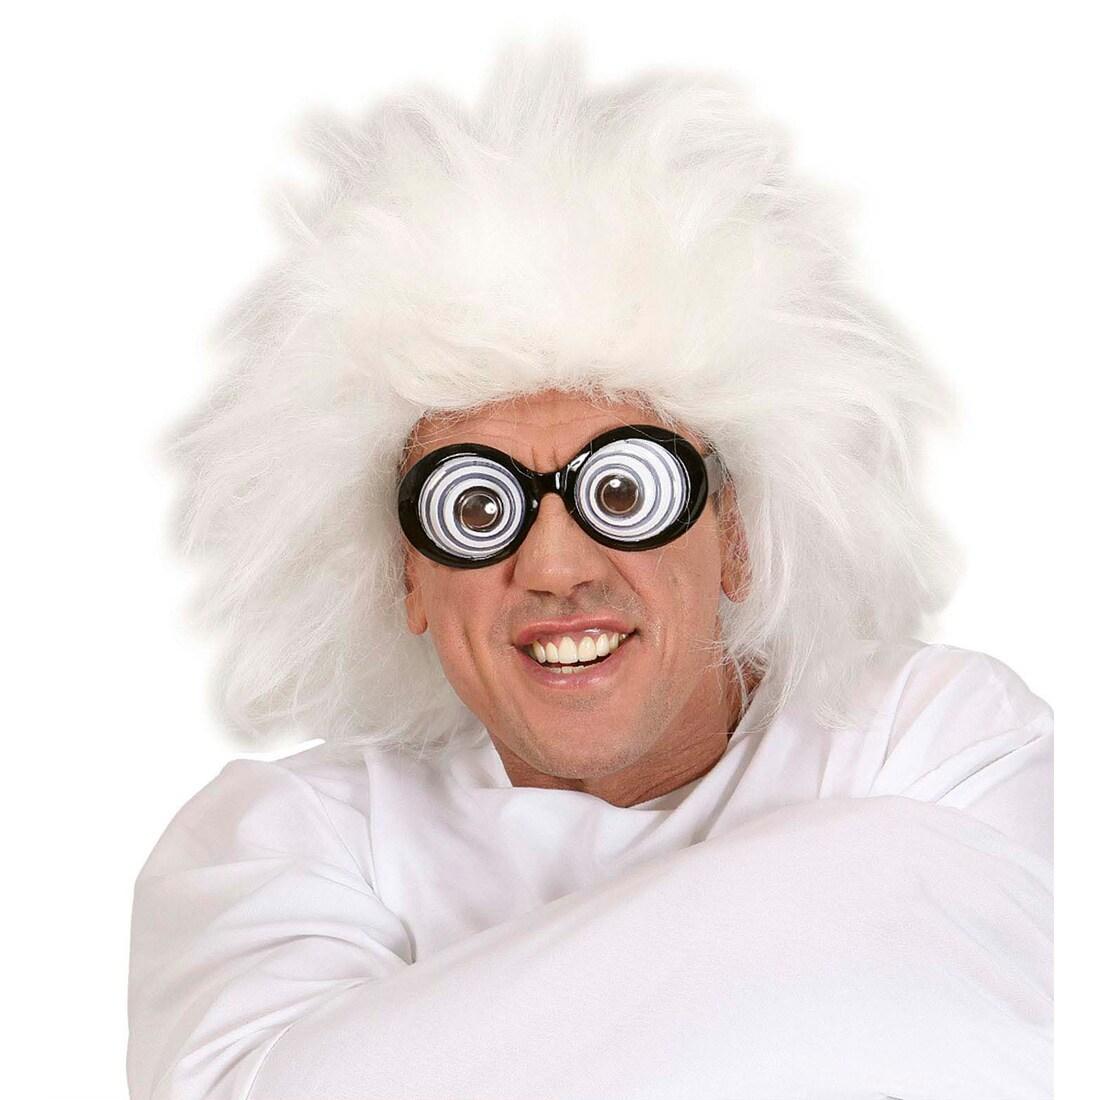 Graue Perucke Professor Erfinderperucke 12 99